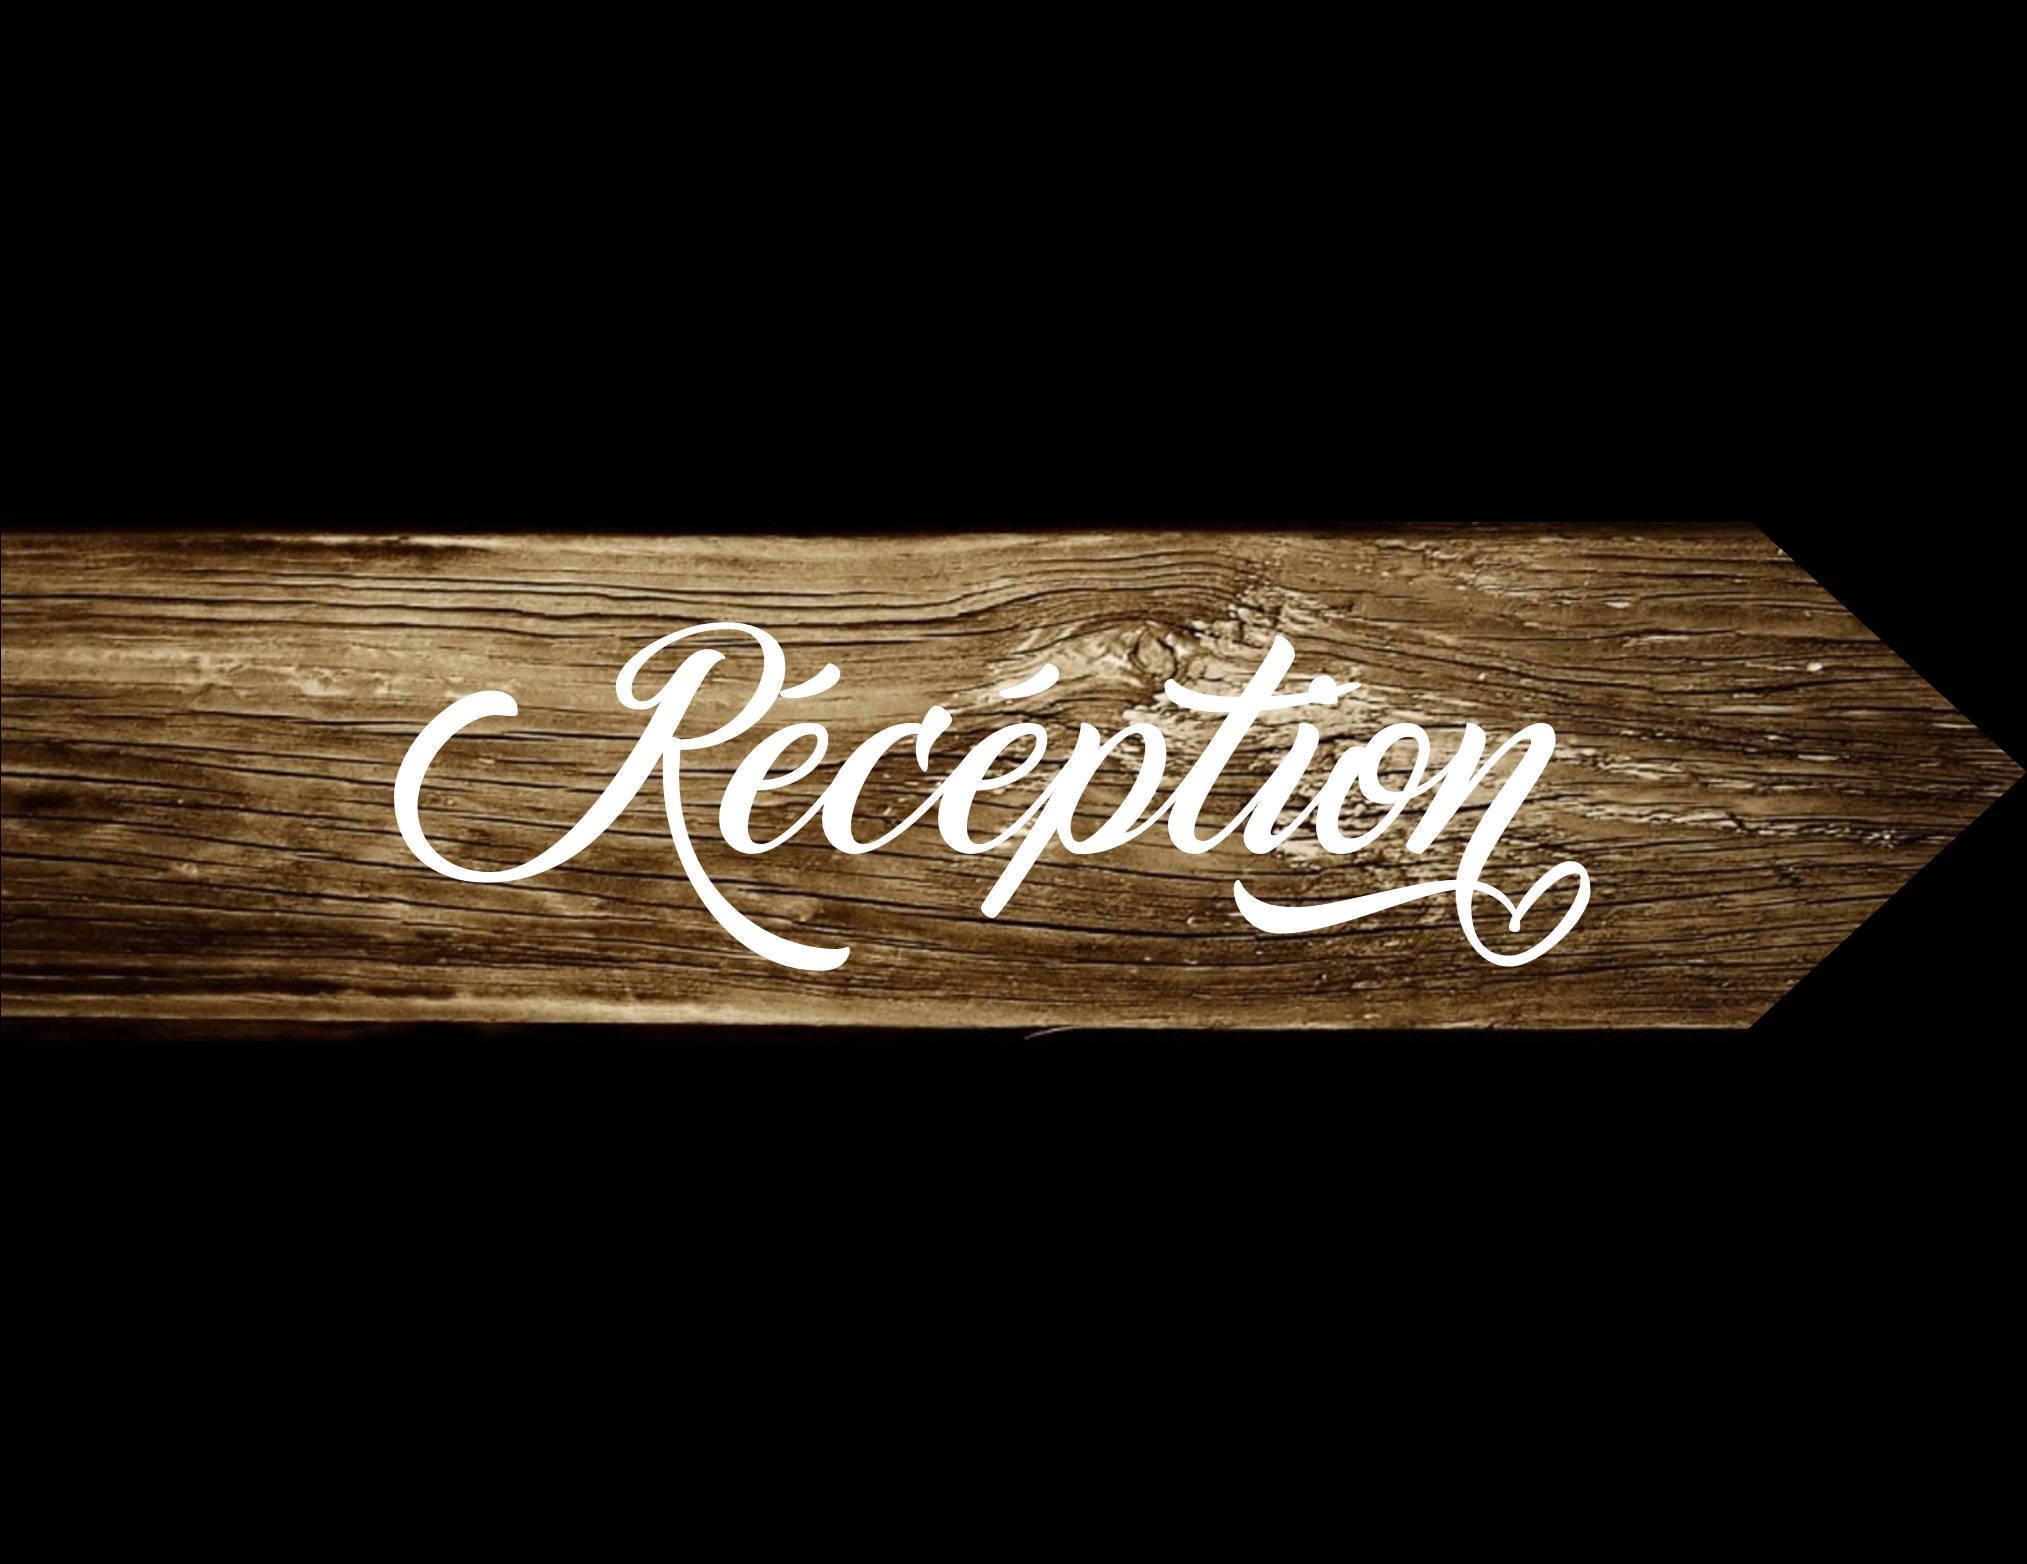 Pancarte Réception, panneau directionnel en bois, pancarte flèche, peint à la main